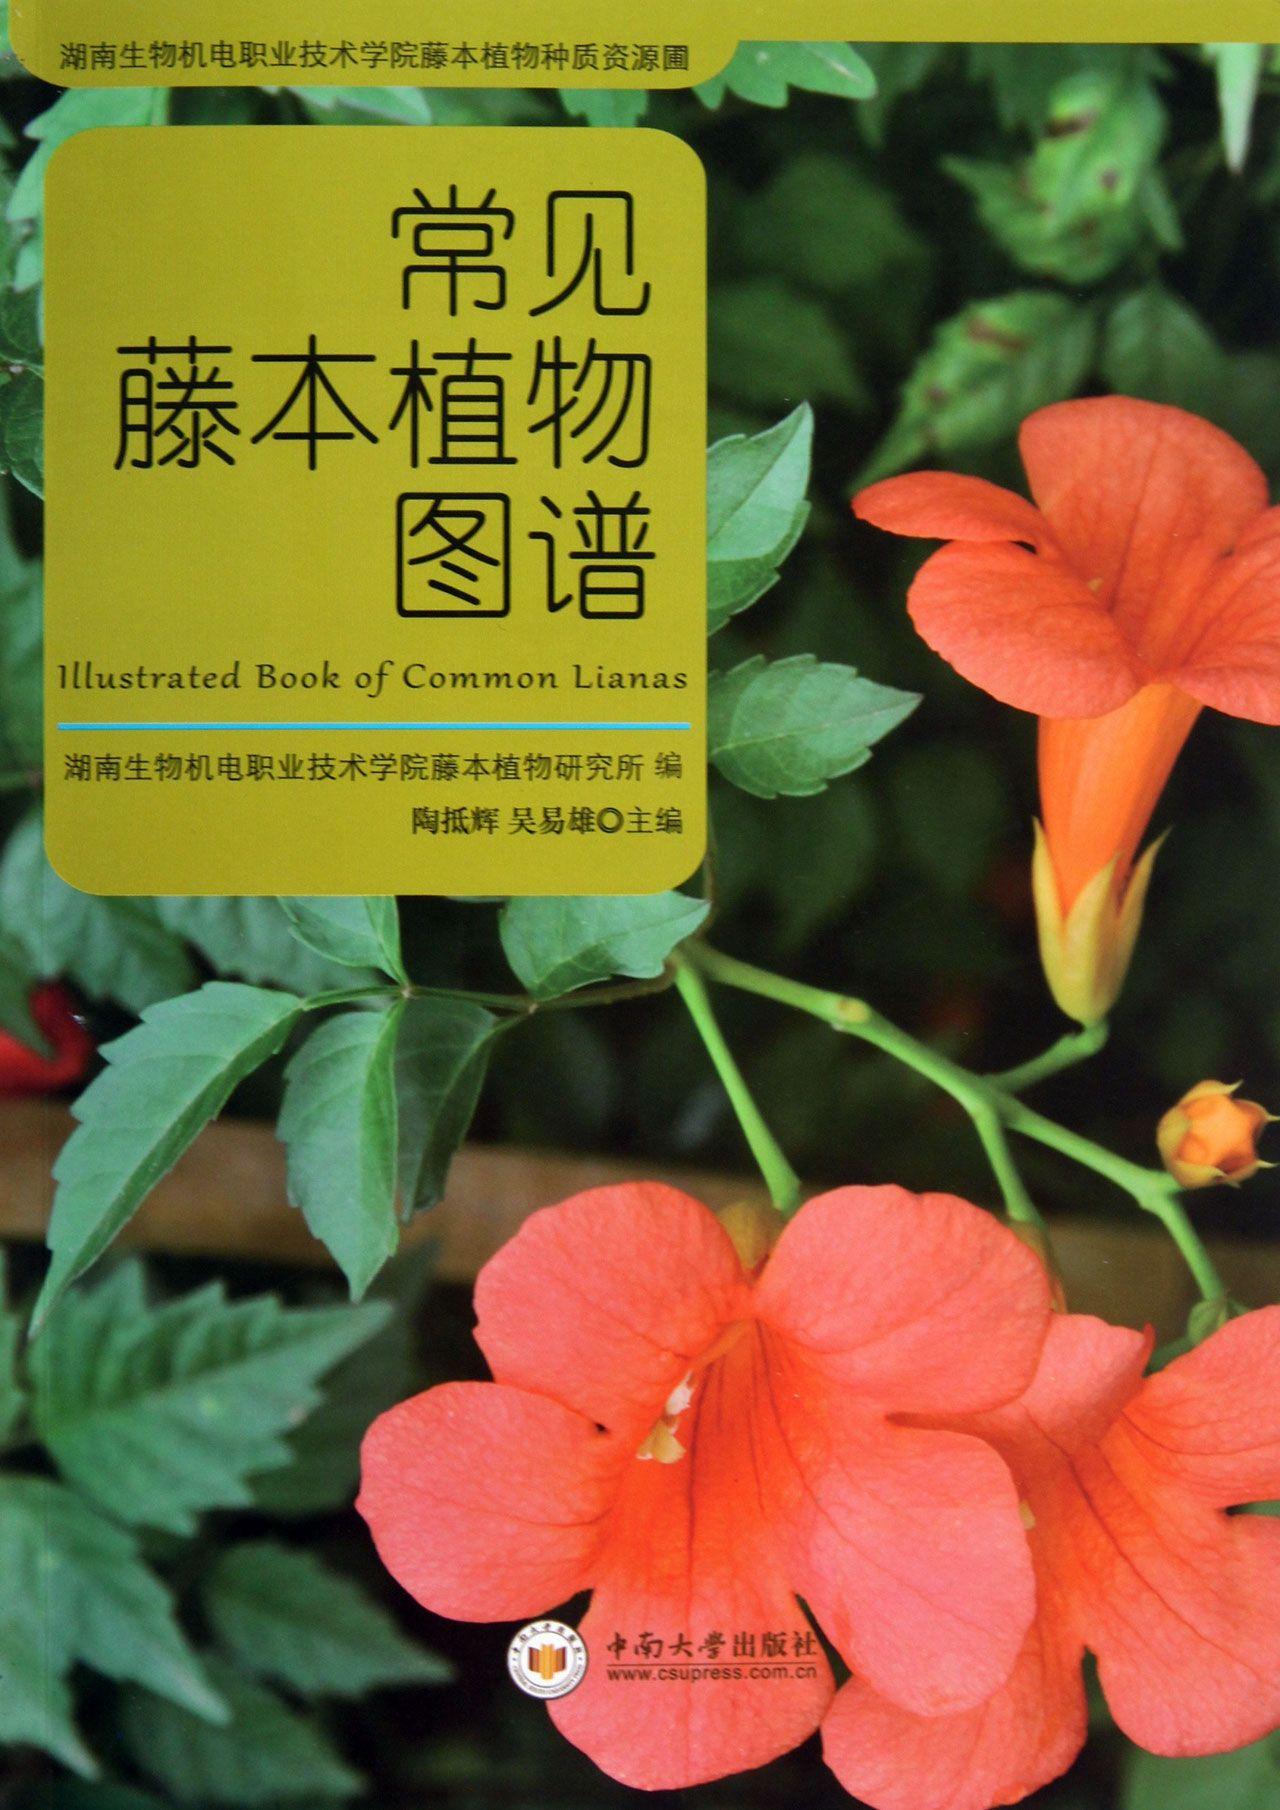 常见藤本植物图谱